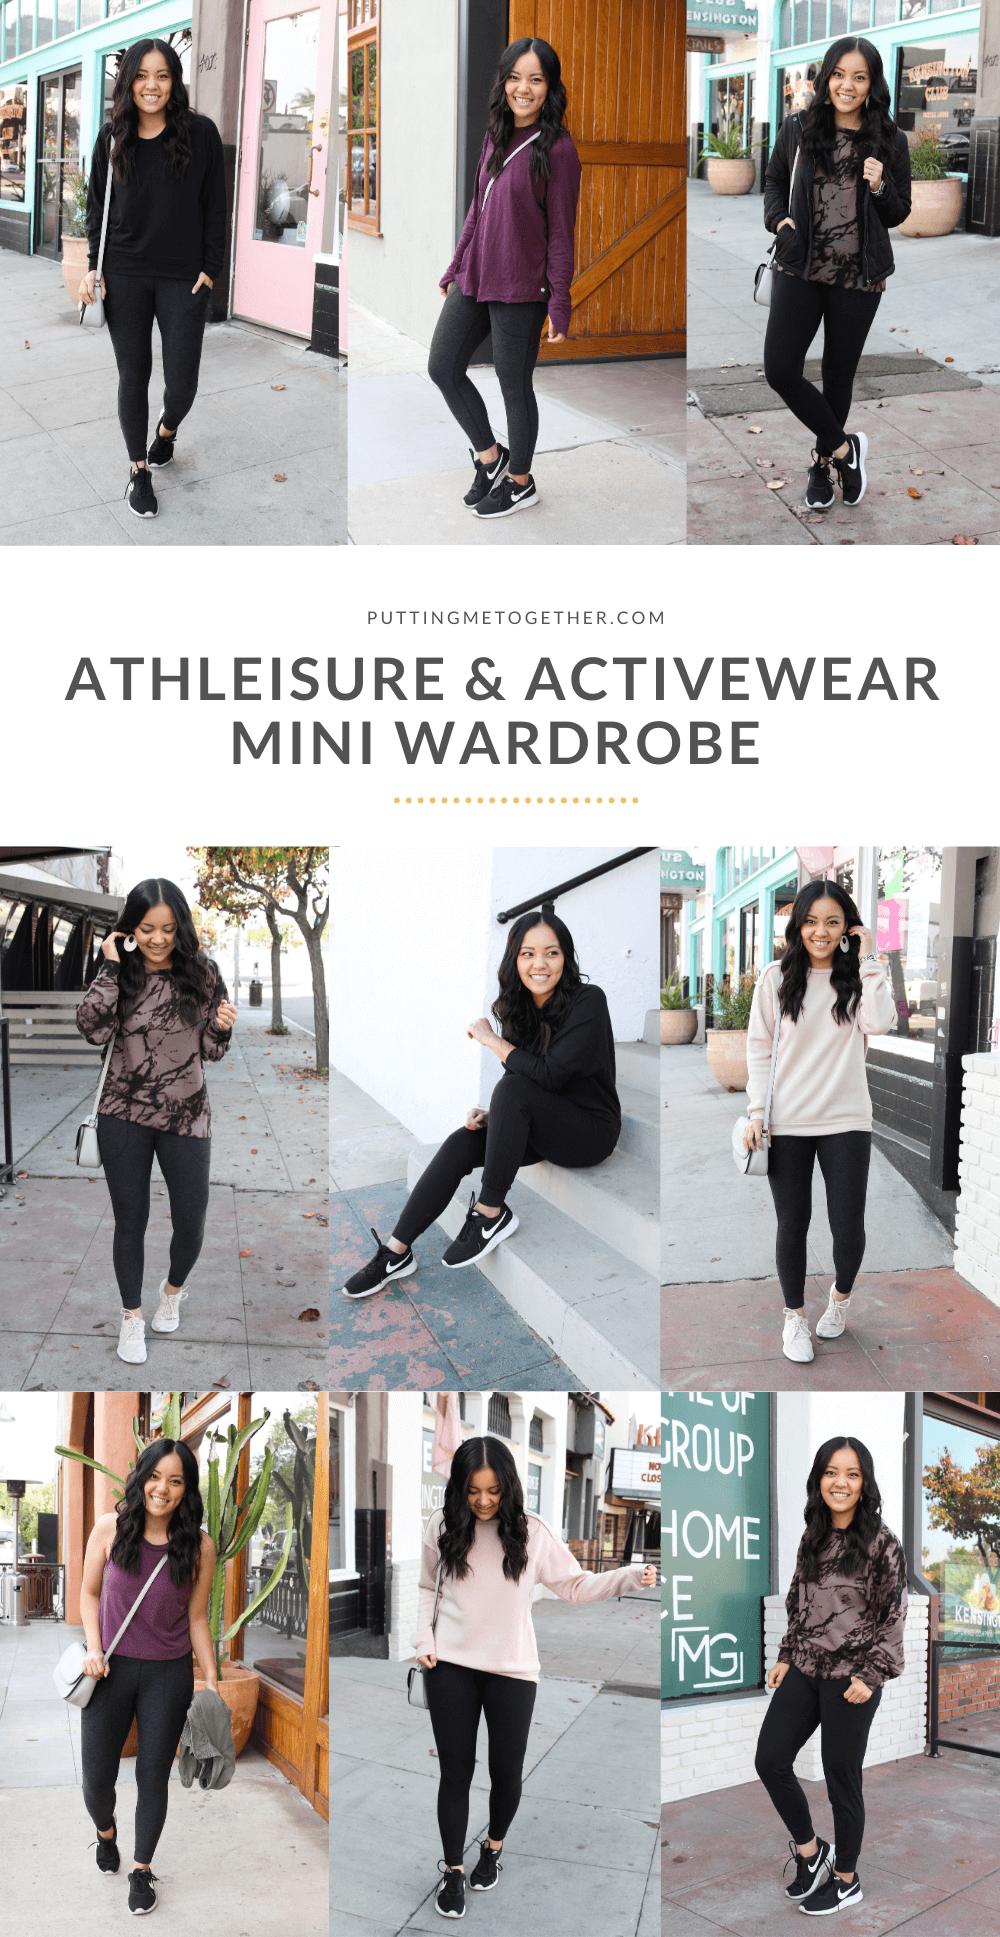 Athleisure & Activewear Mini Wardrobe